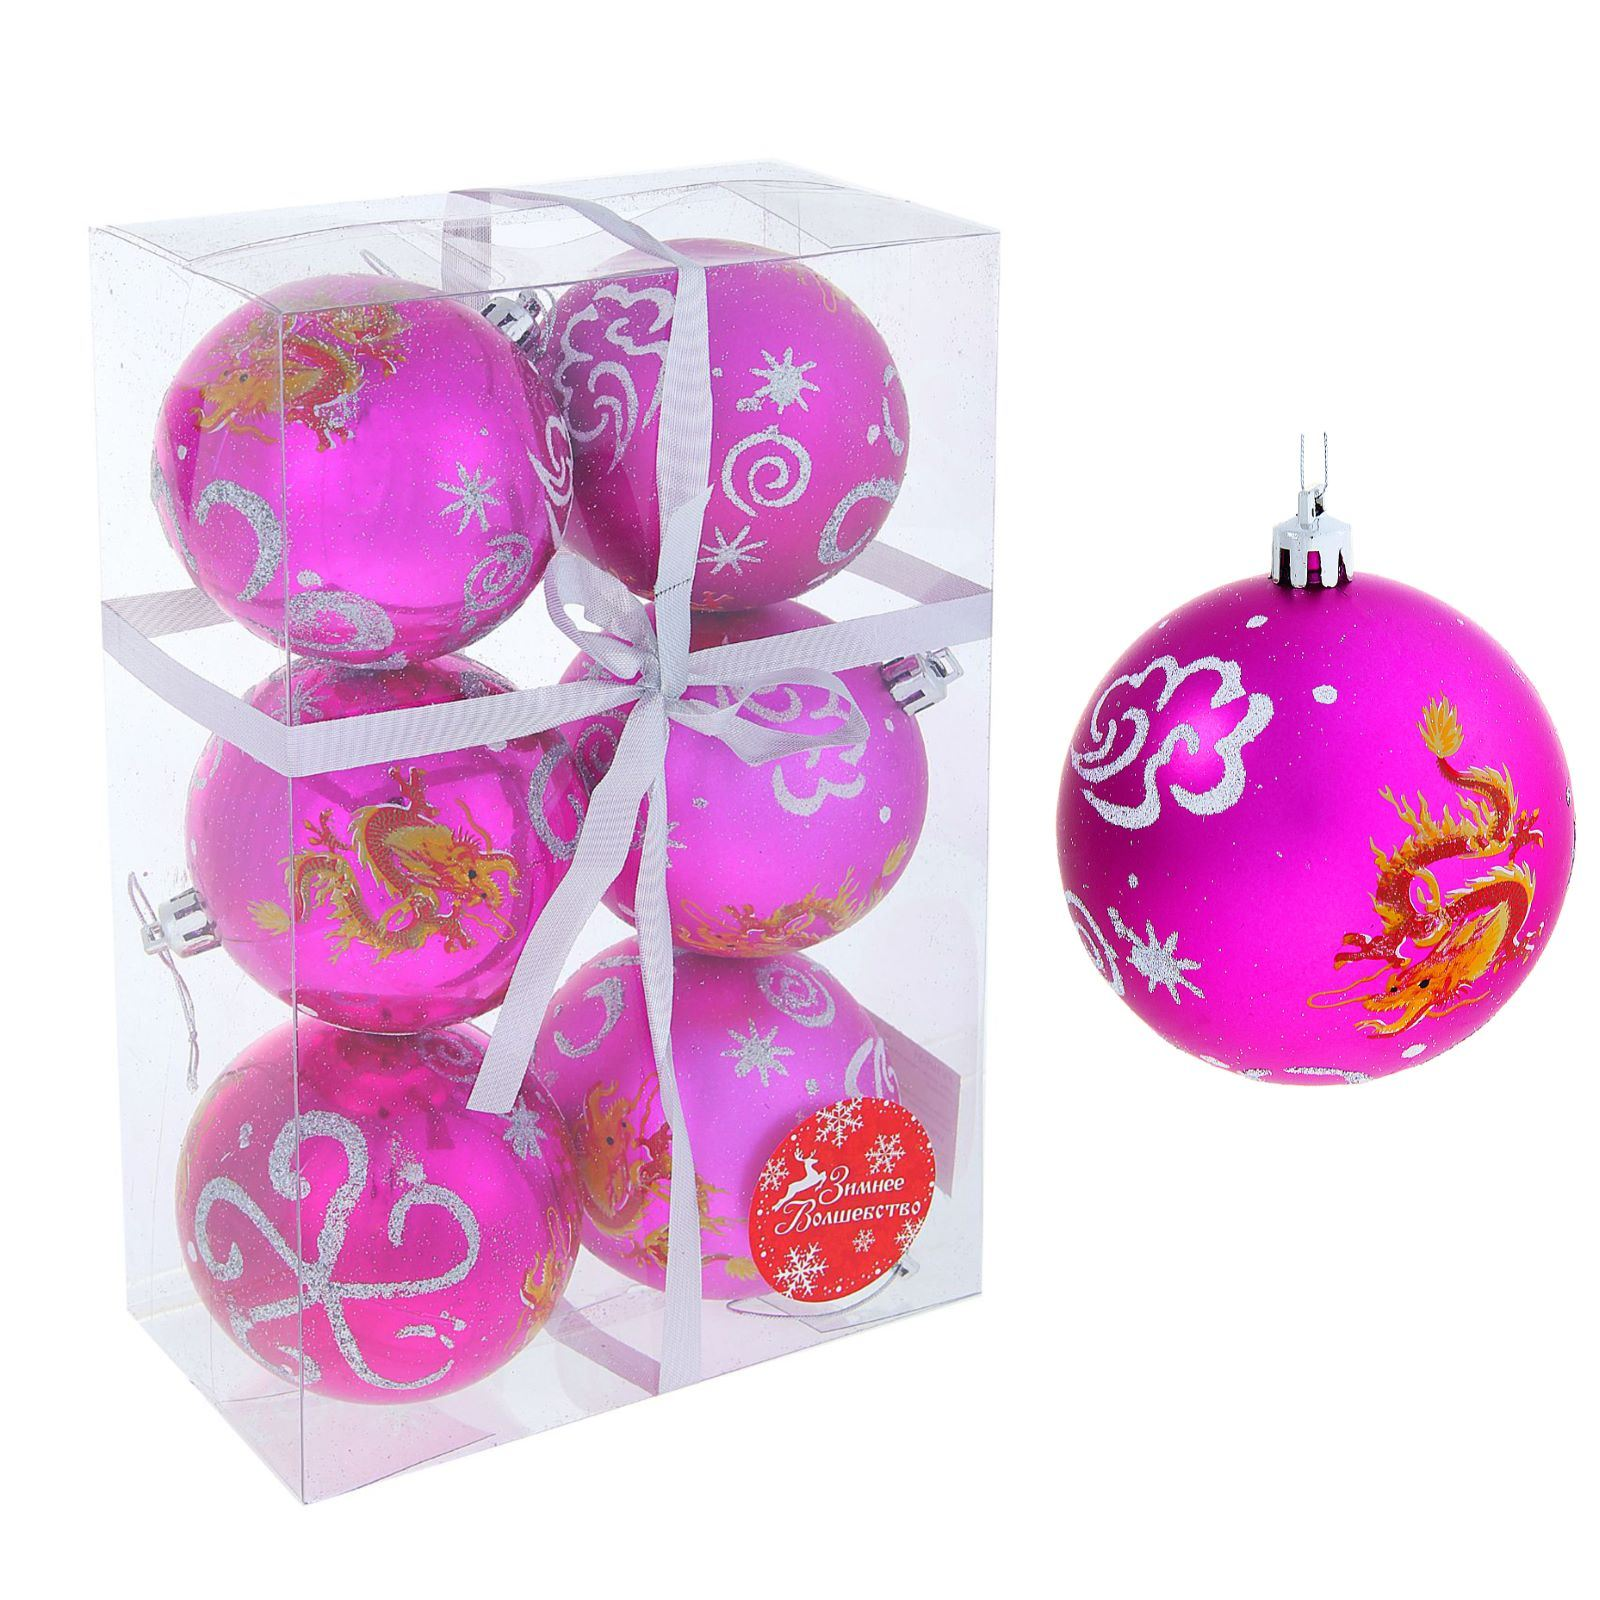 """Набор новогодних подвесных украшений """"Sima-land"""" отлично подойдет для декорации вашего дома и новогодней ели. Украшения оснащены специальными петельками для подвешивания. Елочная игрушка - символ Нового года. Она несет в себе волшебство и красоту праздника. Такое украшение создаст в вашем доме атмосферу праздника, веселья и радости."""